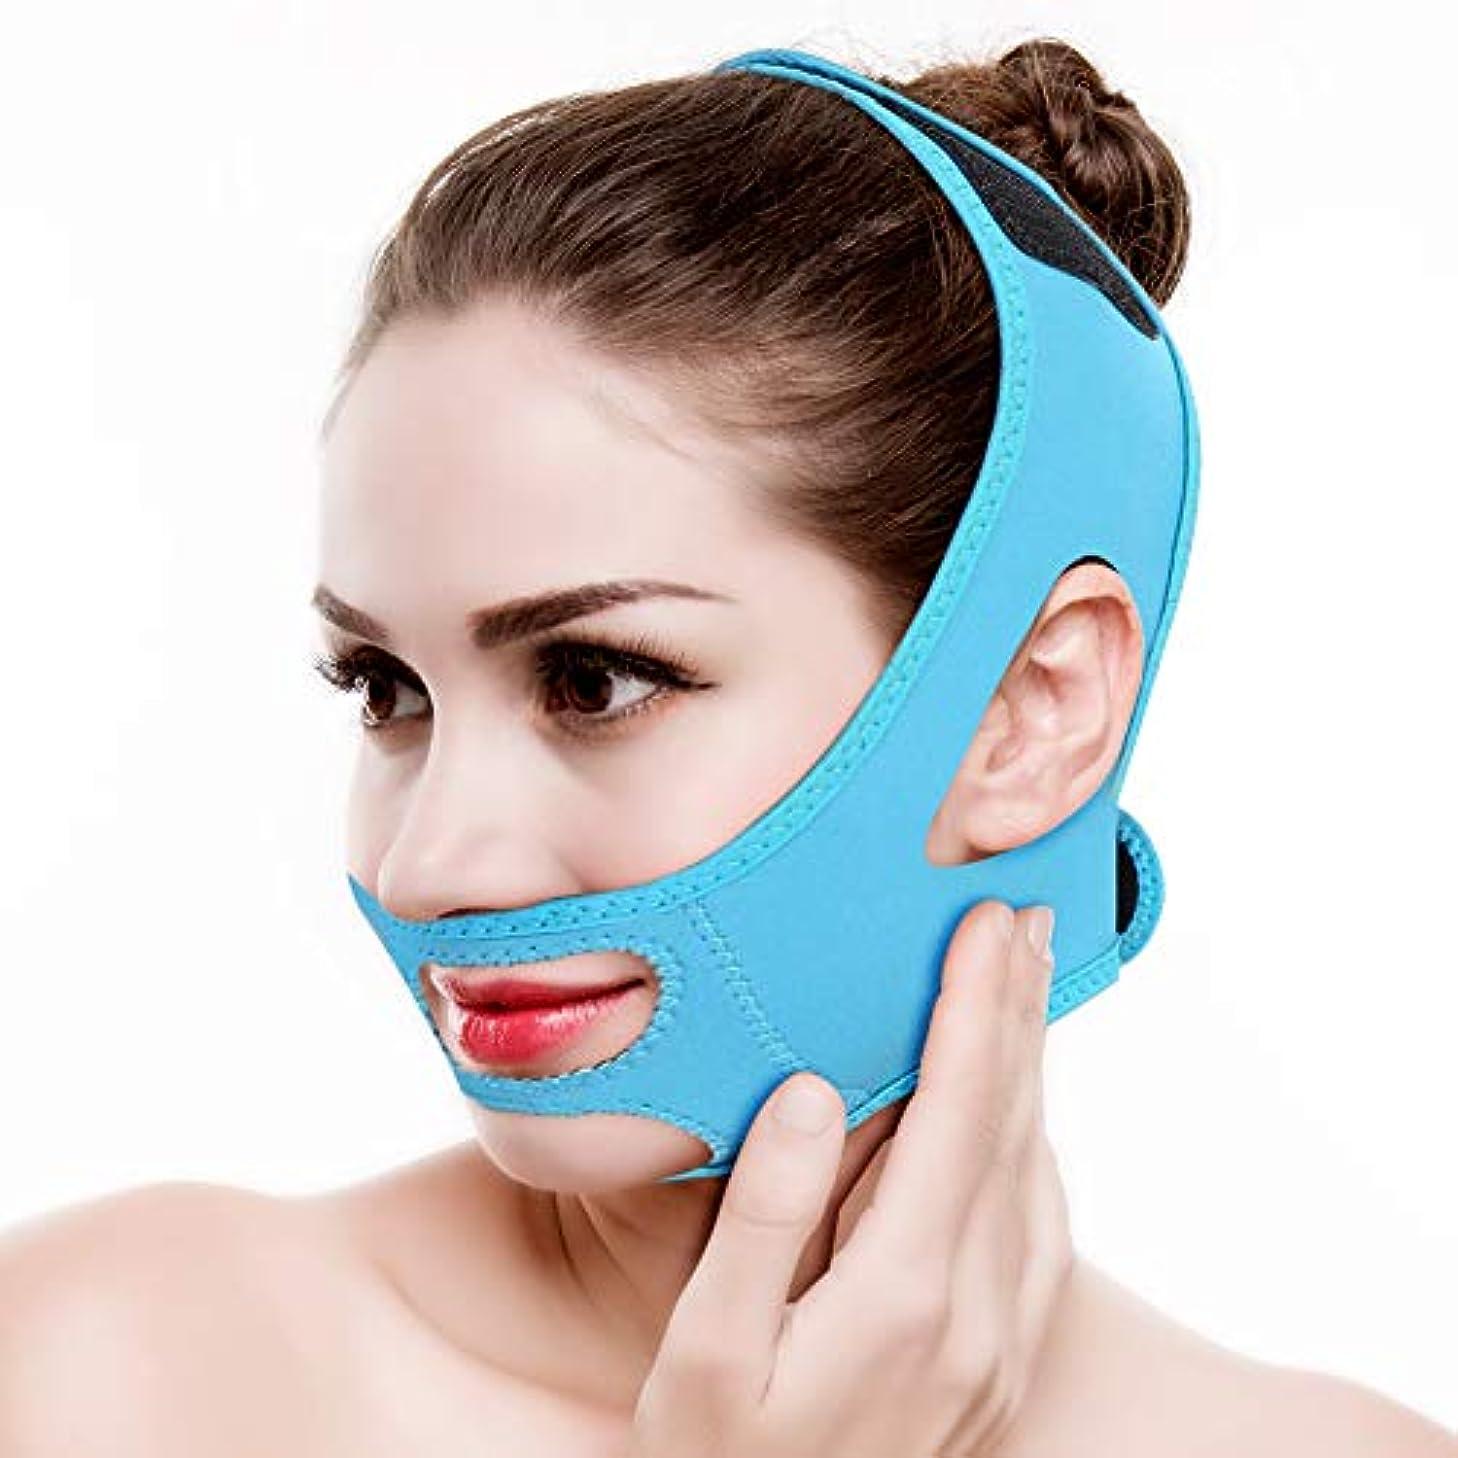 偽善者ホバート運動フェイスリフティングベルト,顔の痩身包帯フェイシャルスリミング包帯ベルトマスクフェイスリフトダブルチンスキンストラップフェイススリミング包帯小 顔 美顔 矯正、顎リフト フェイススリミングマスク (Blue)